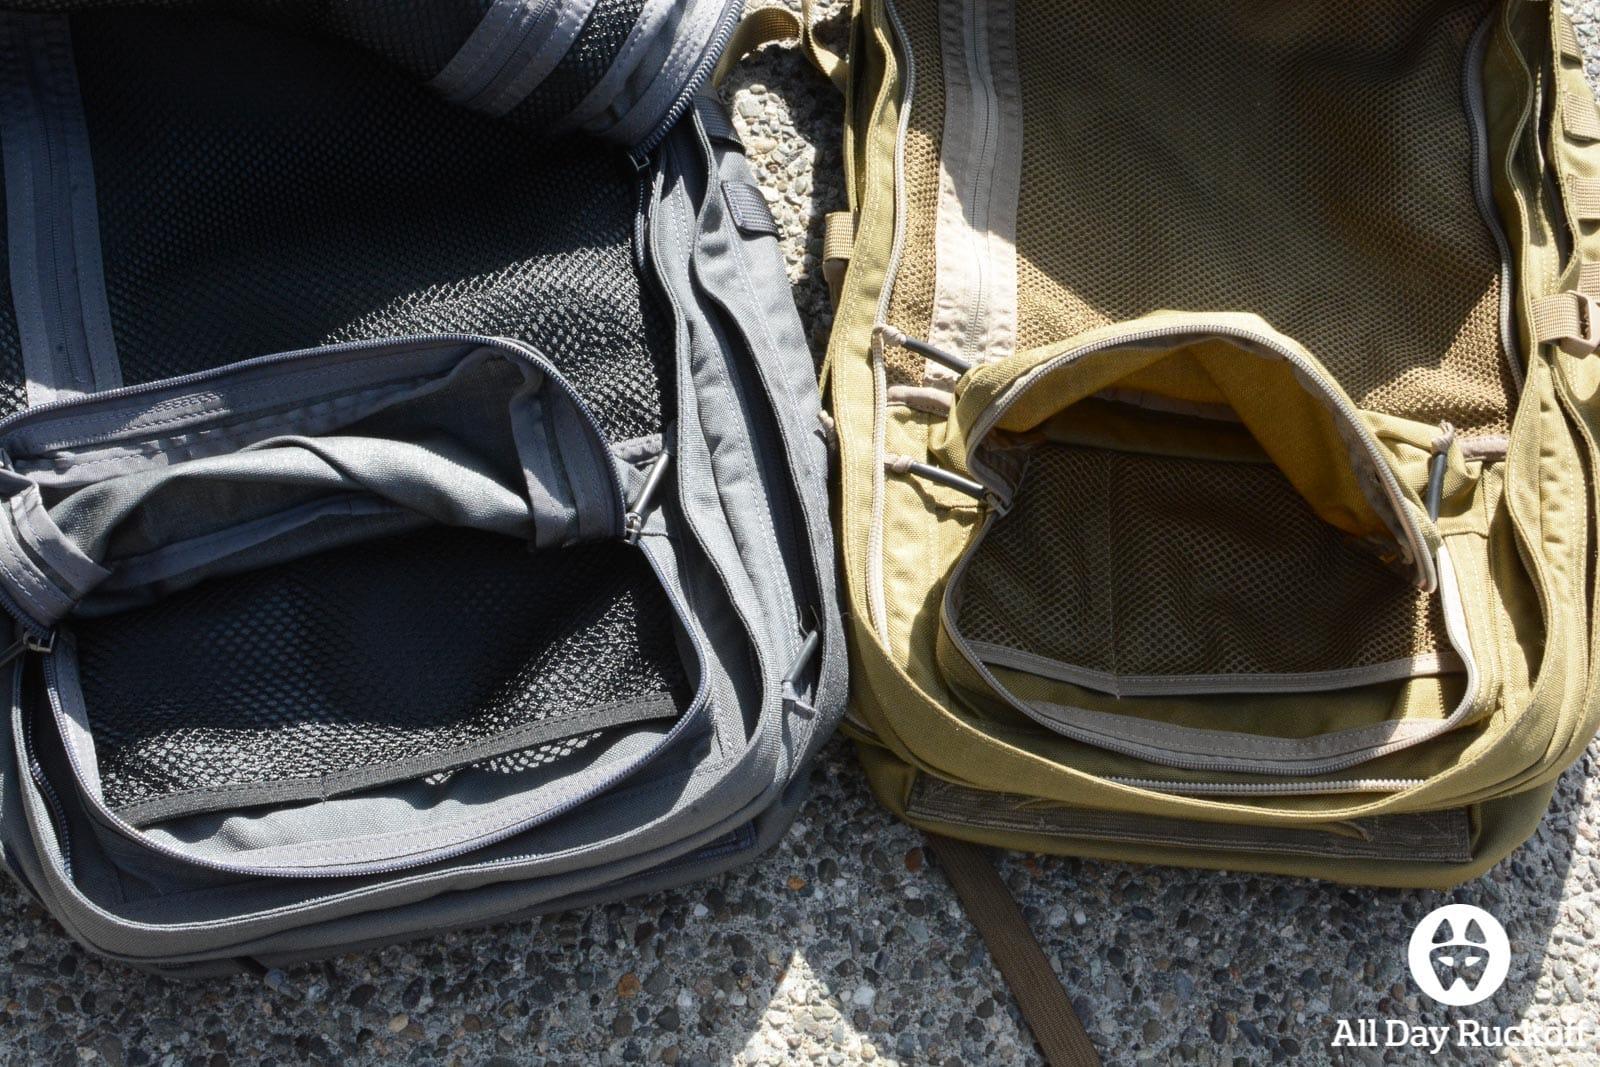 GR2 Comparison - Internal Pocket